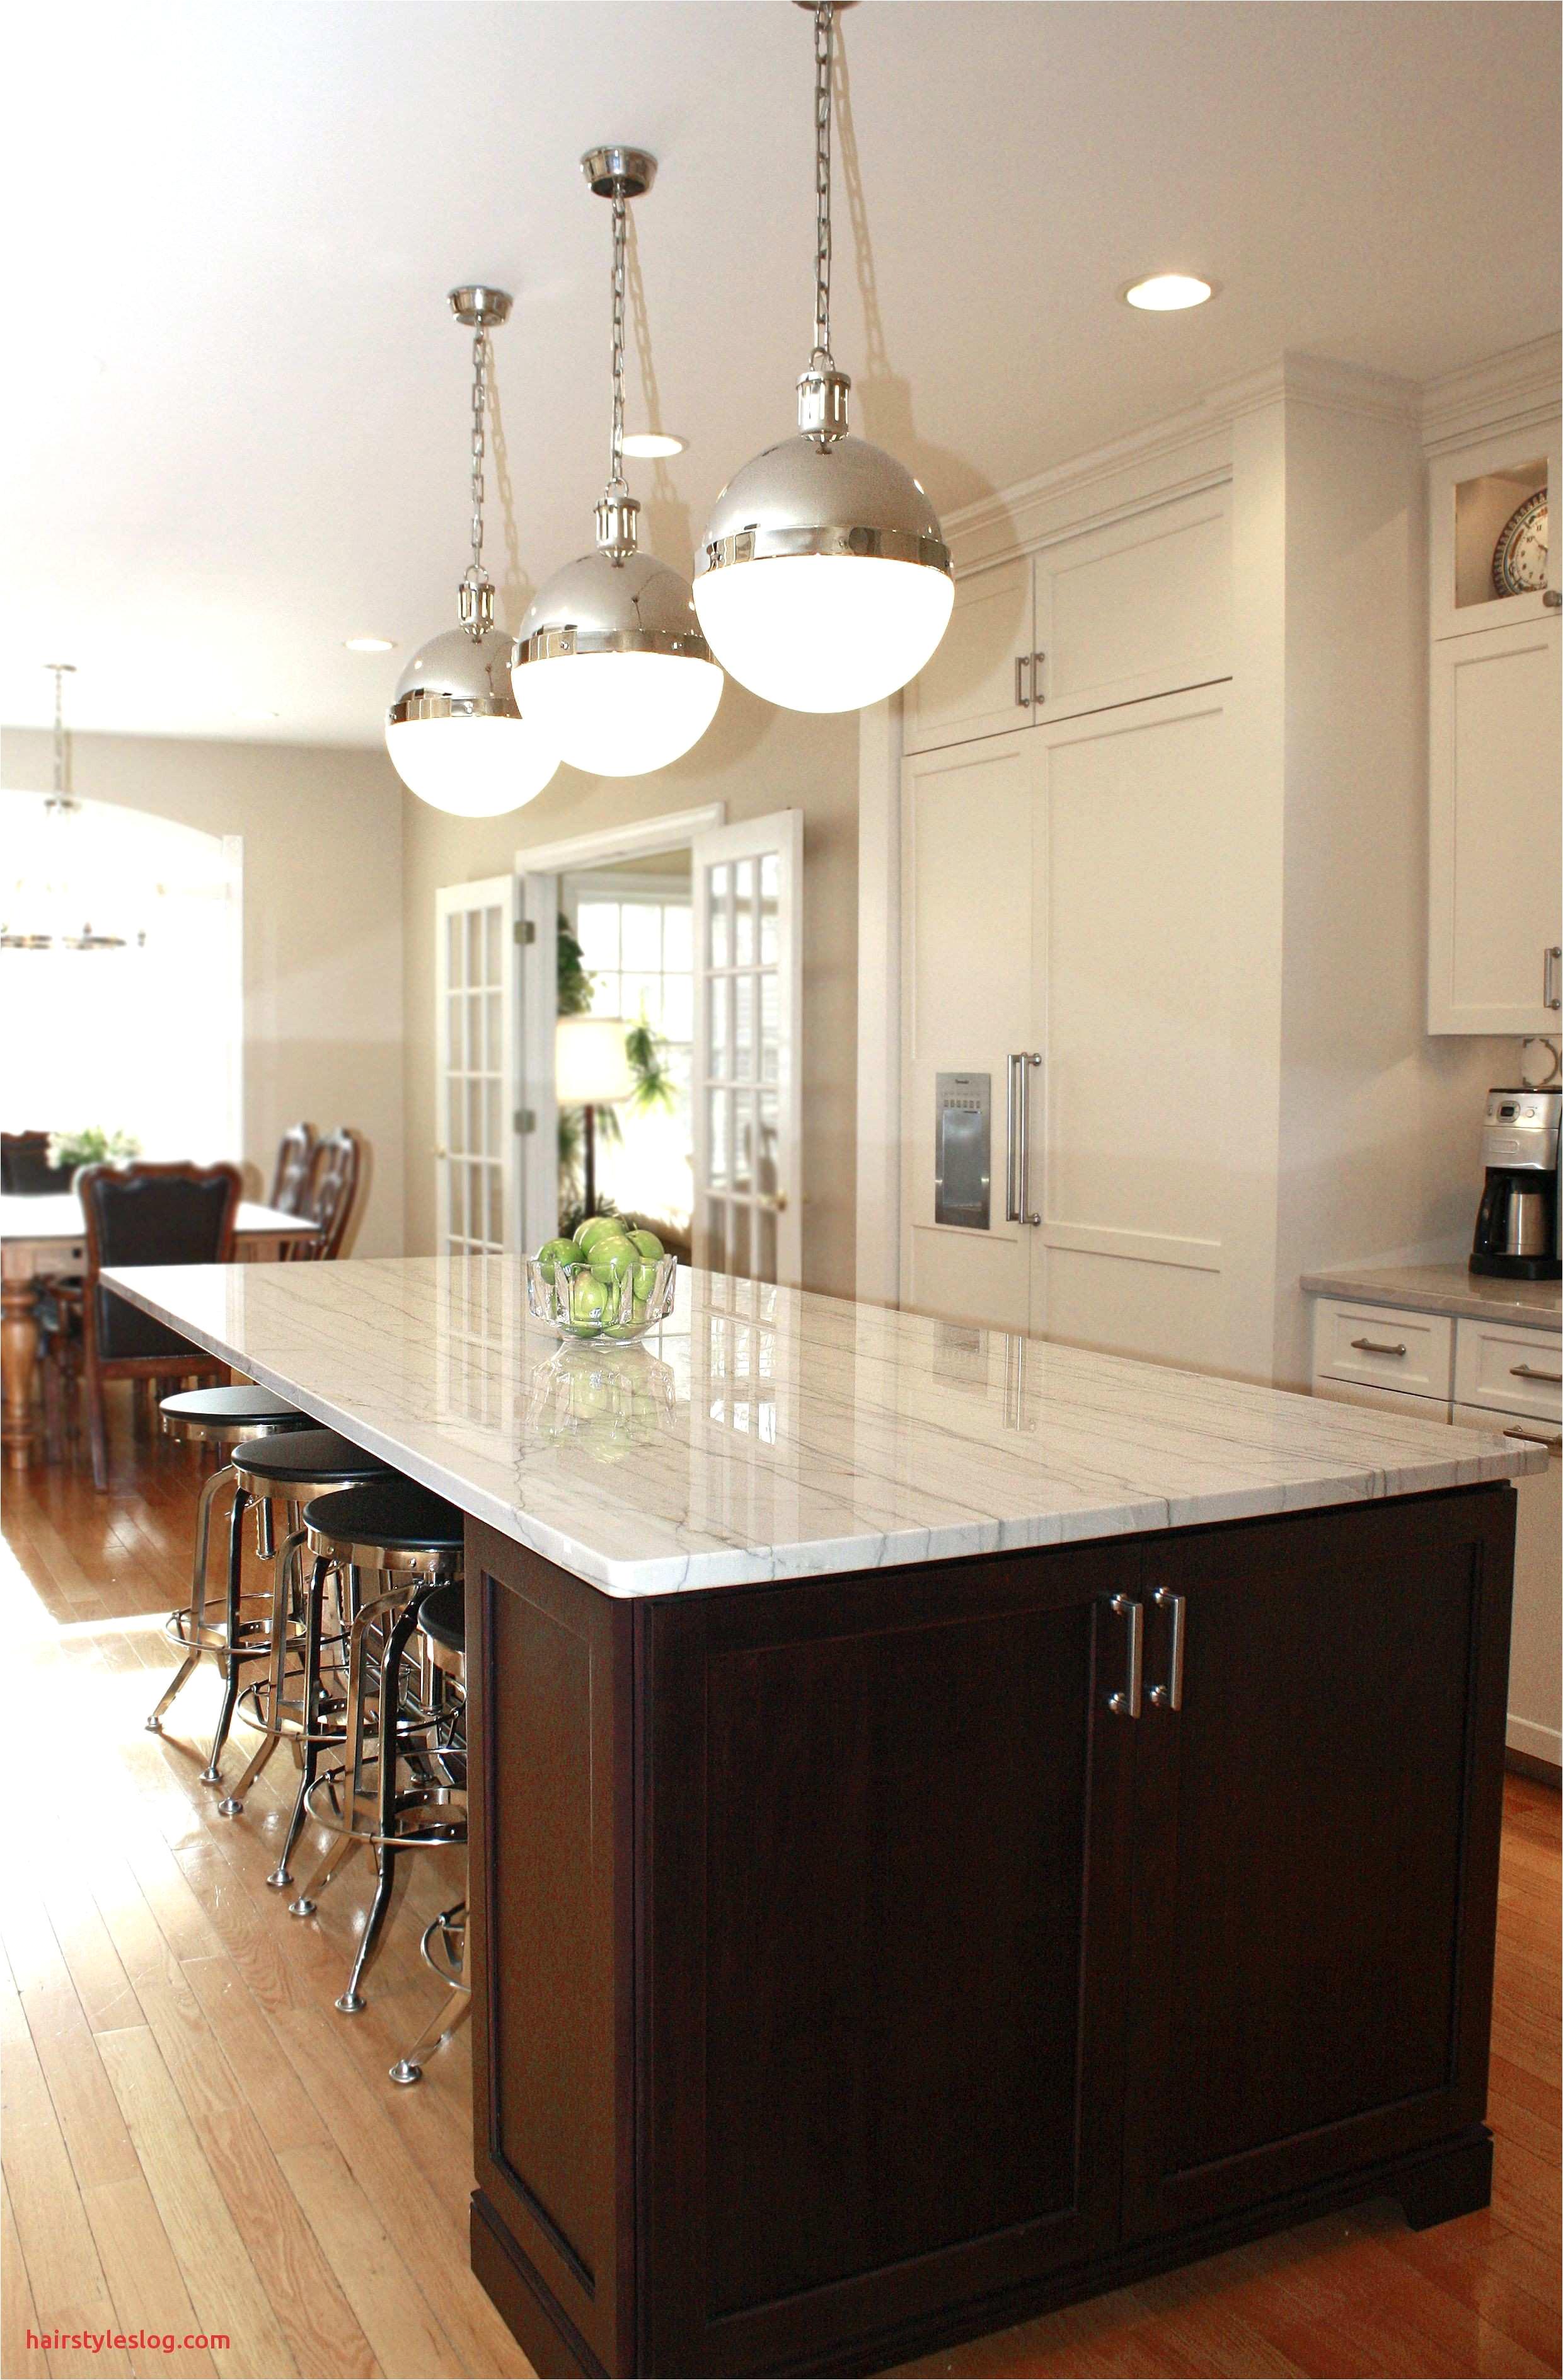 cheaper alternative to granite countertops unique fers f white kitchen cabinets with dark granite countertops with